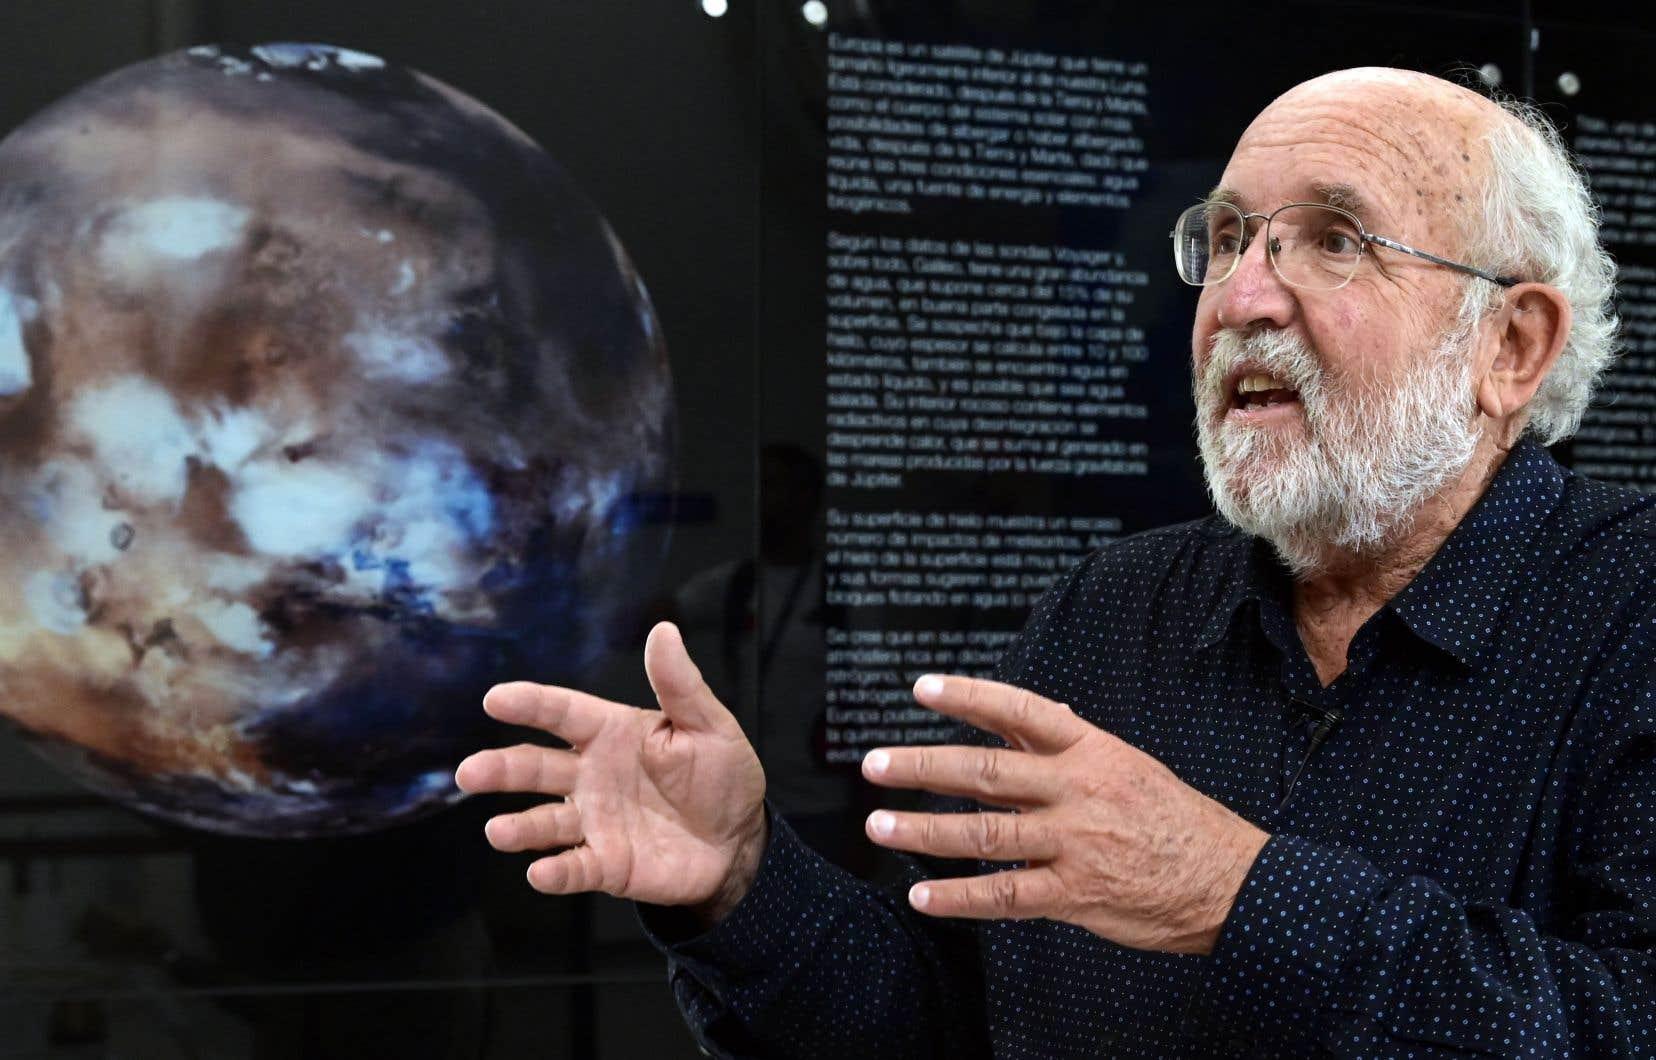 «Même dans un cas très optimiste d'une planète habitable pas trop loin, disons à quelques dizaines d'années-lumière [...], le temps pour aller là-bas est considérable. Ça se chiffre en centaines de millions de jours avec les moyens actuels», indique l'astrophysicien Michel Mayor.